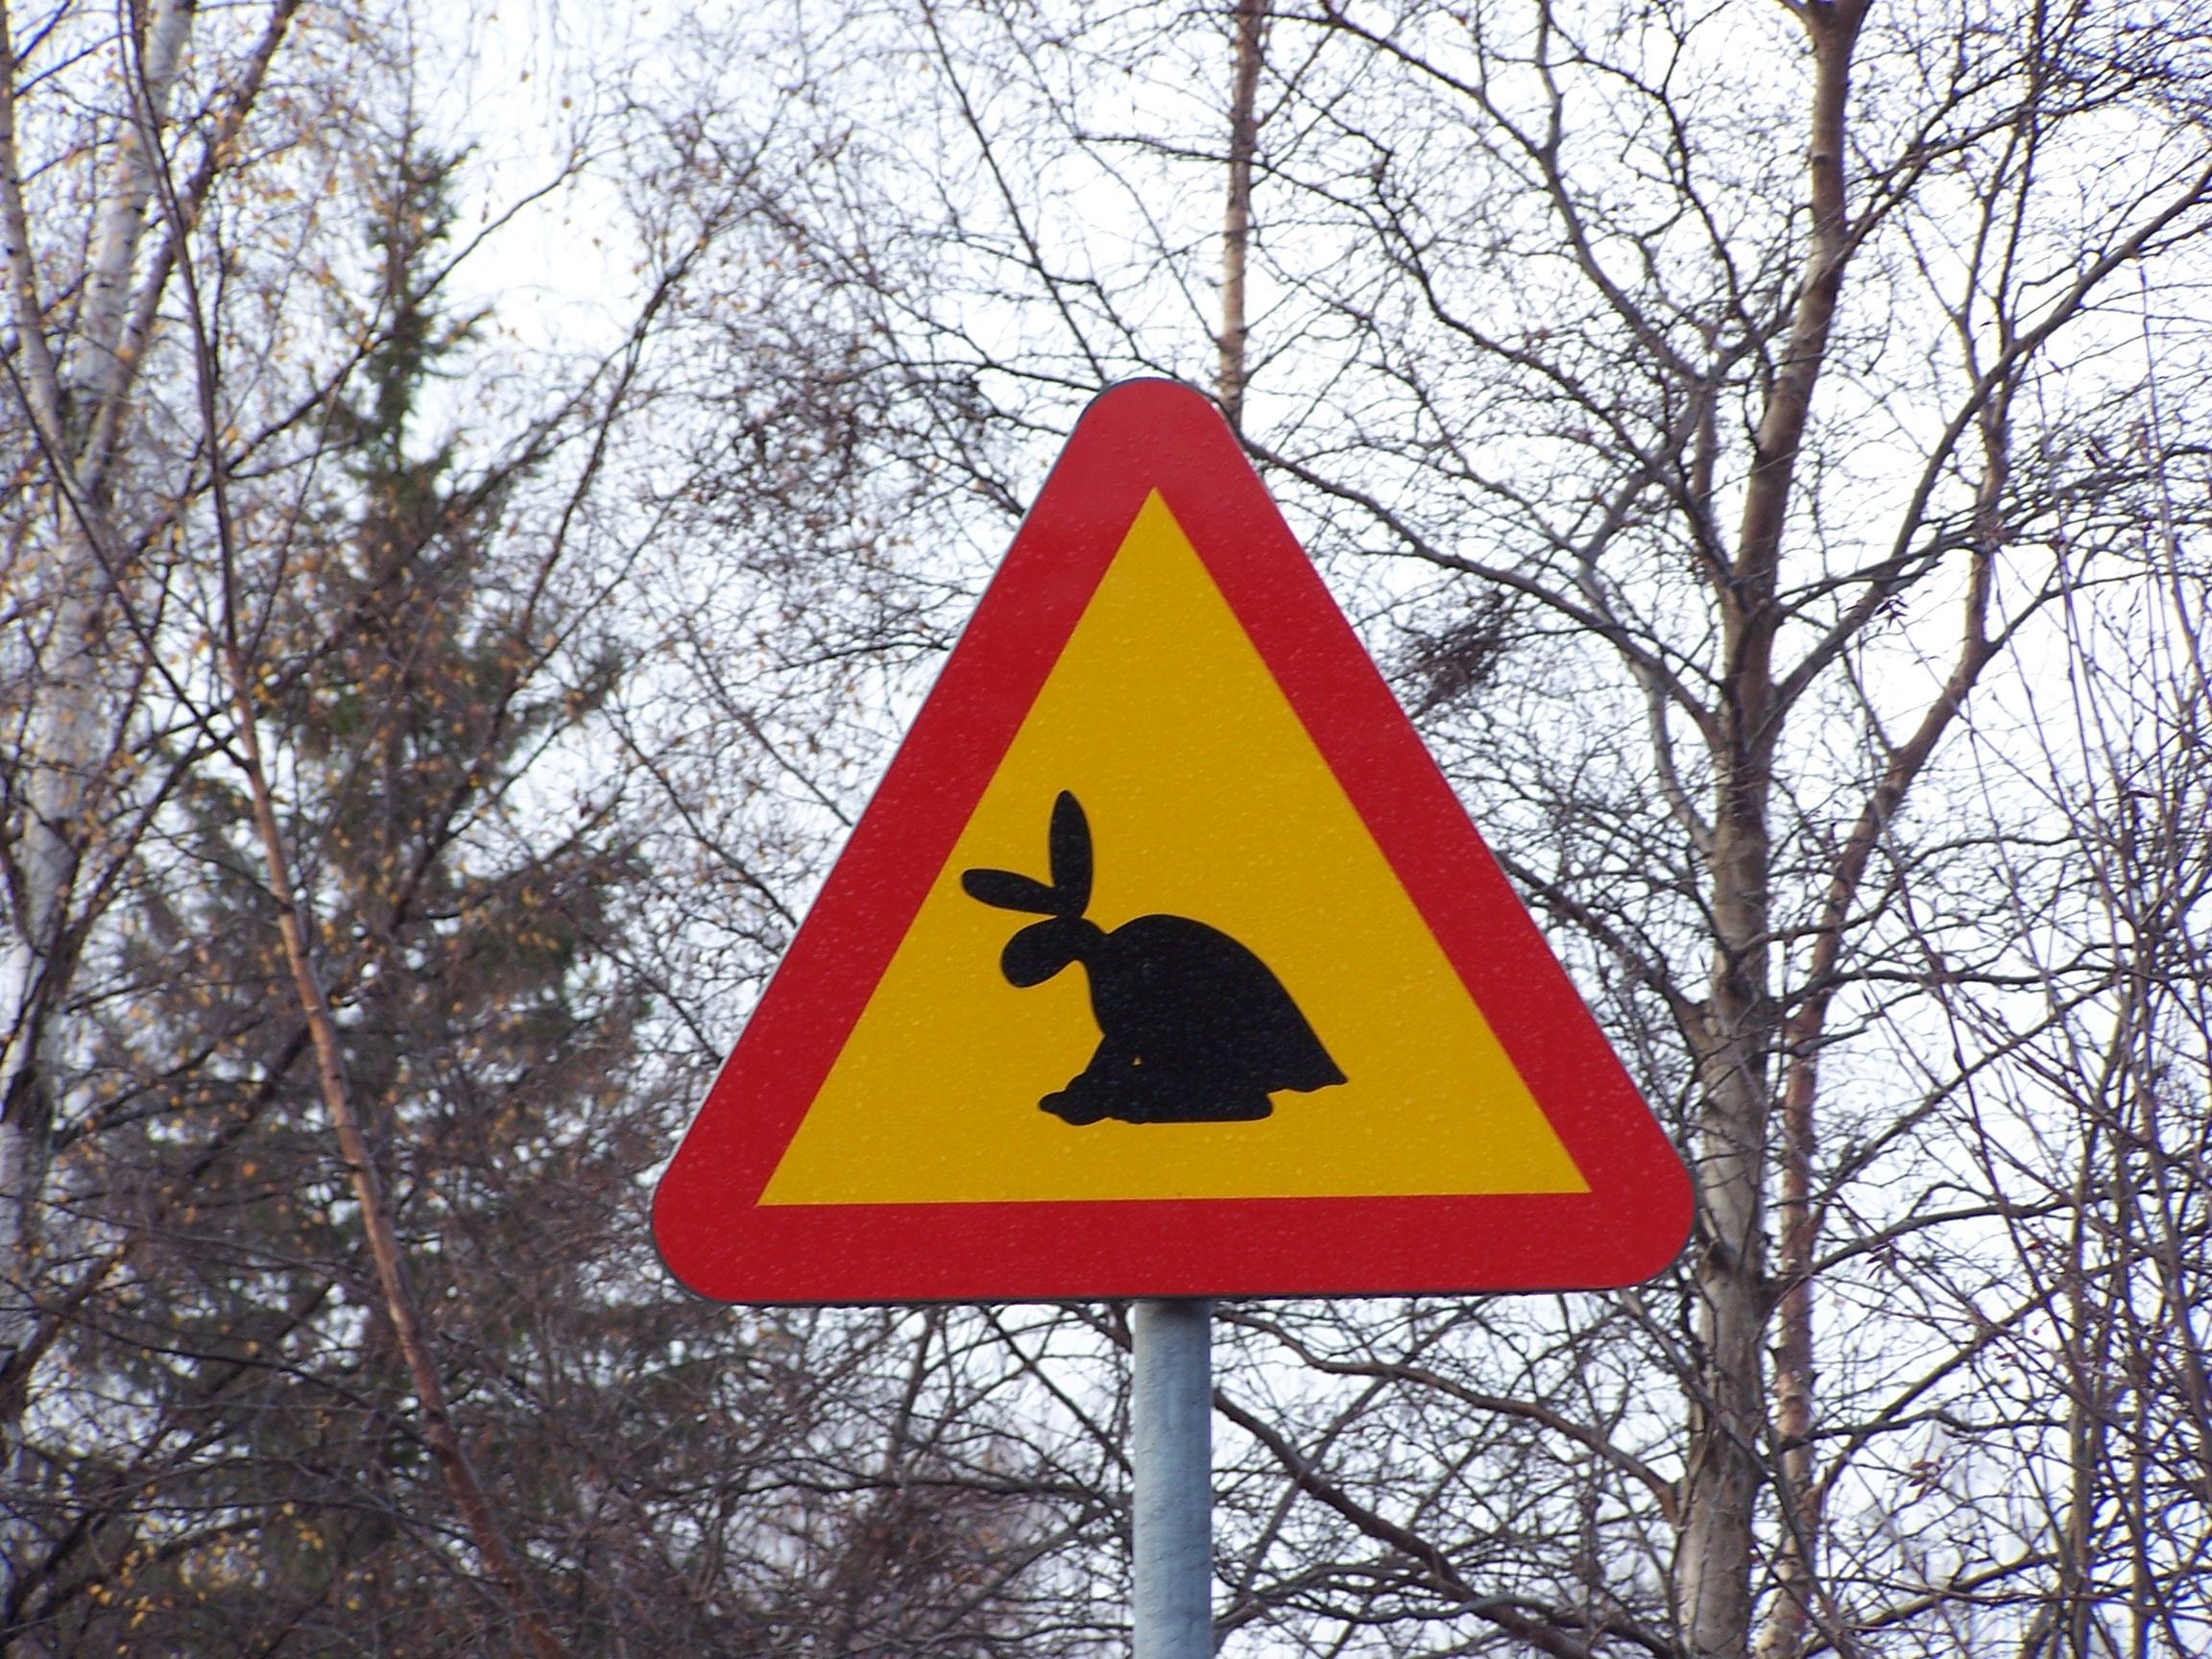 skvader_sign.jpg